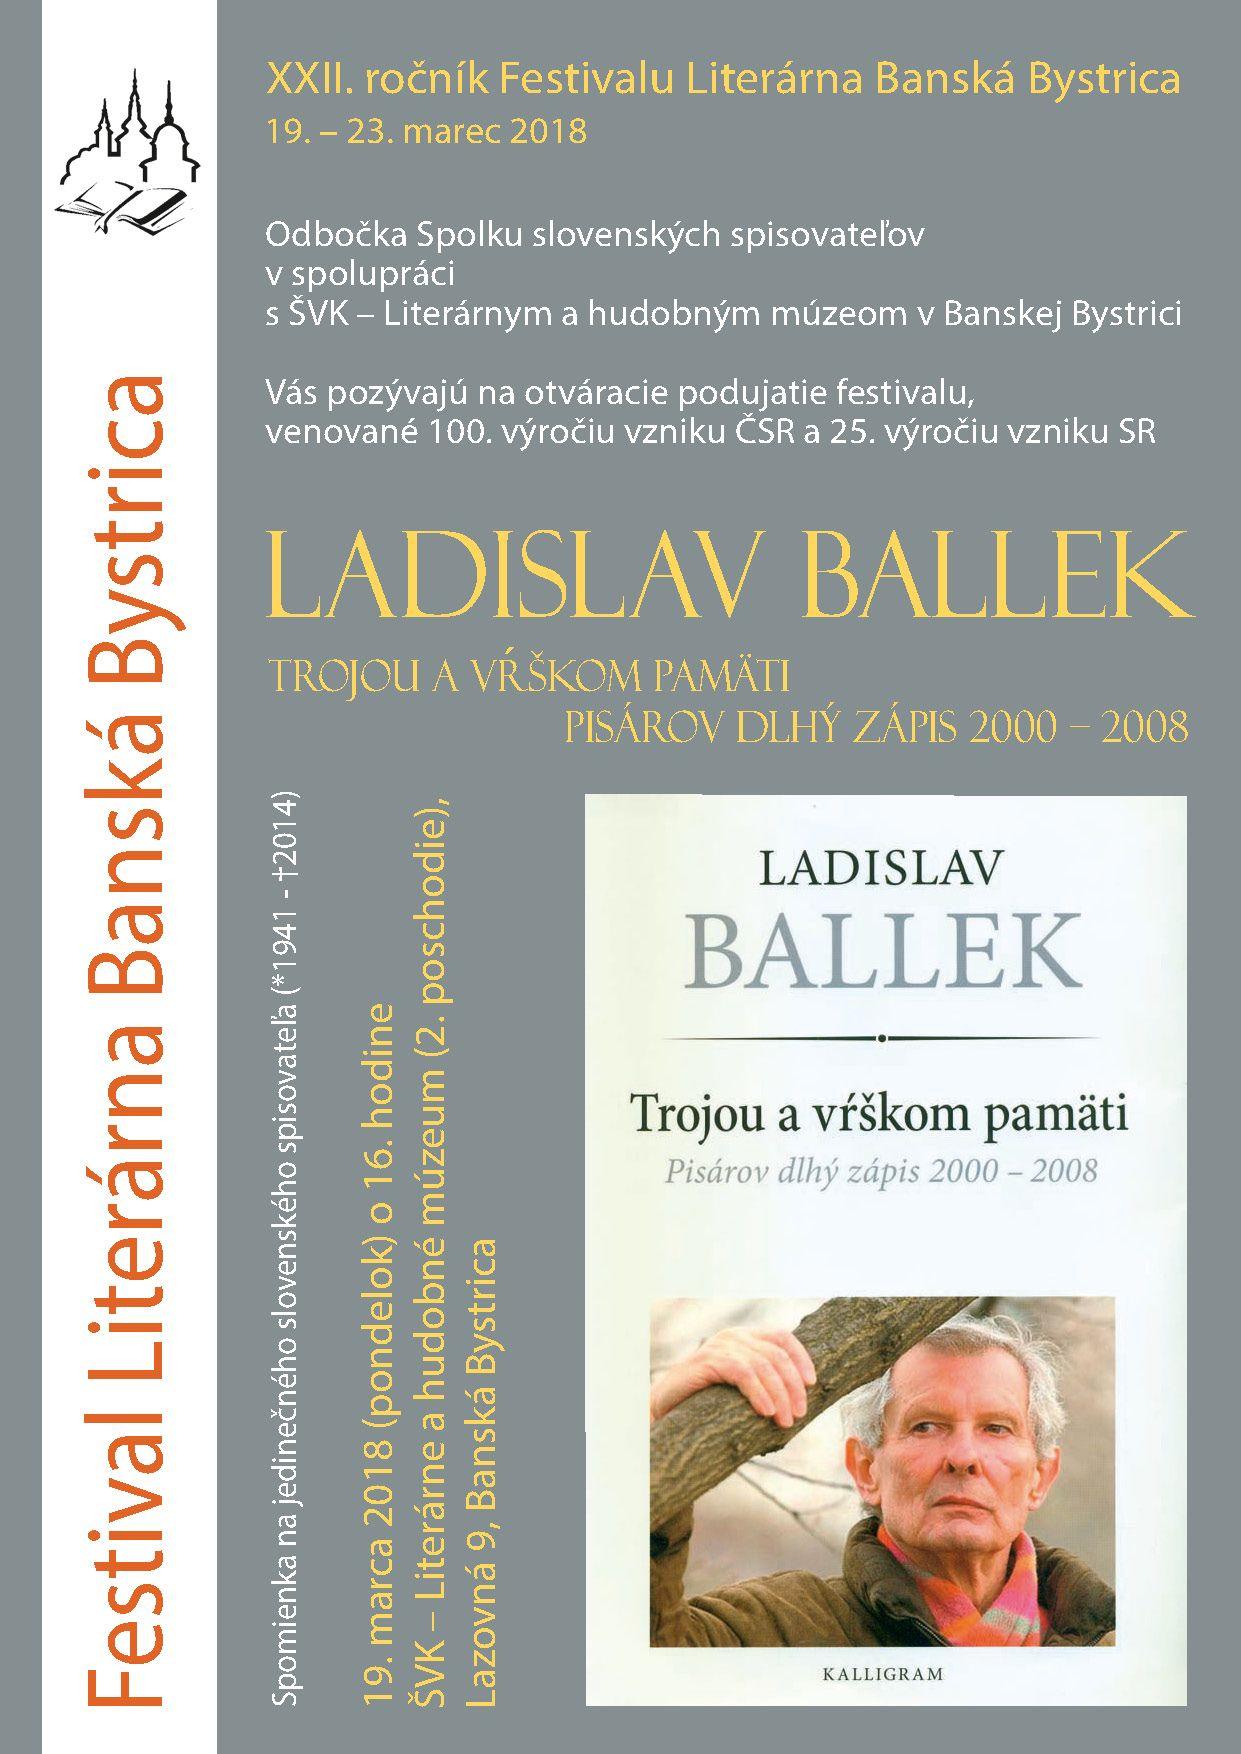 ballek_pozvanka14014.jpg